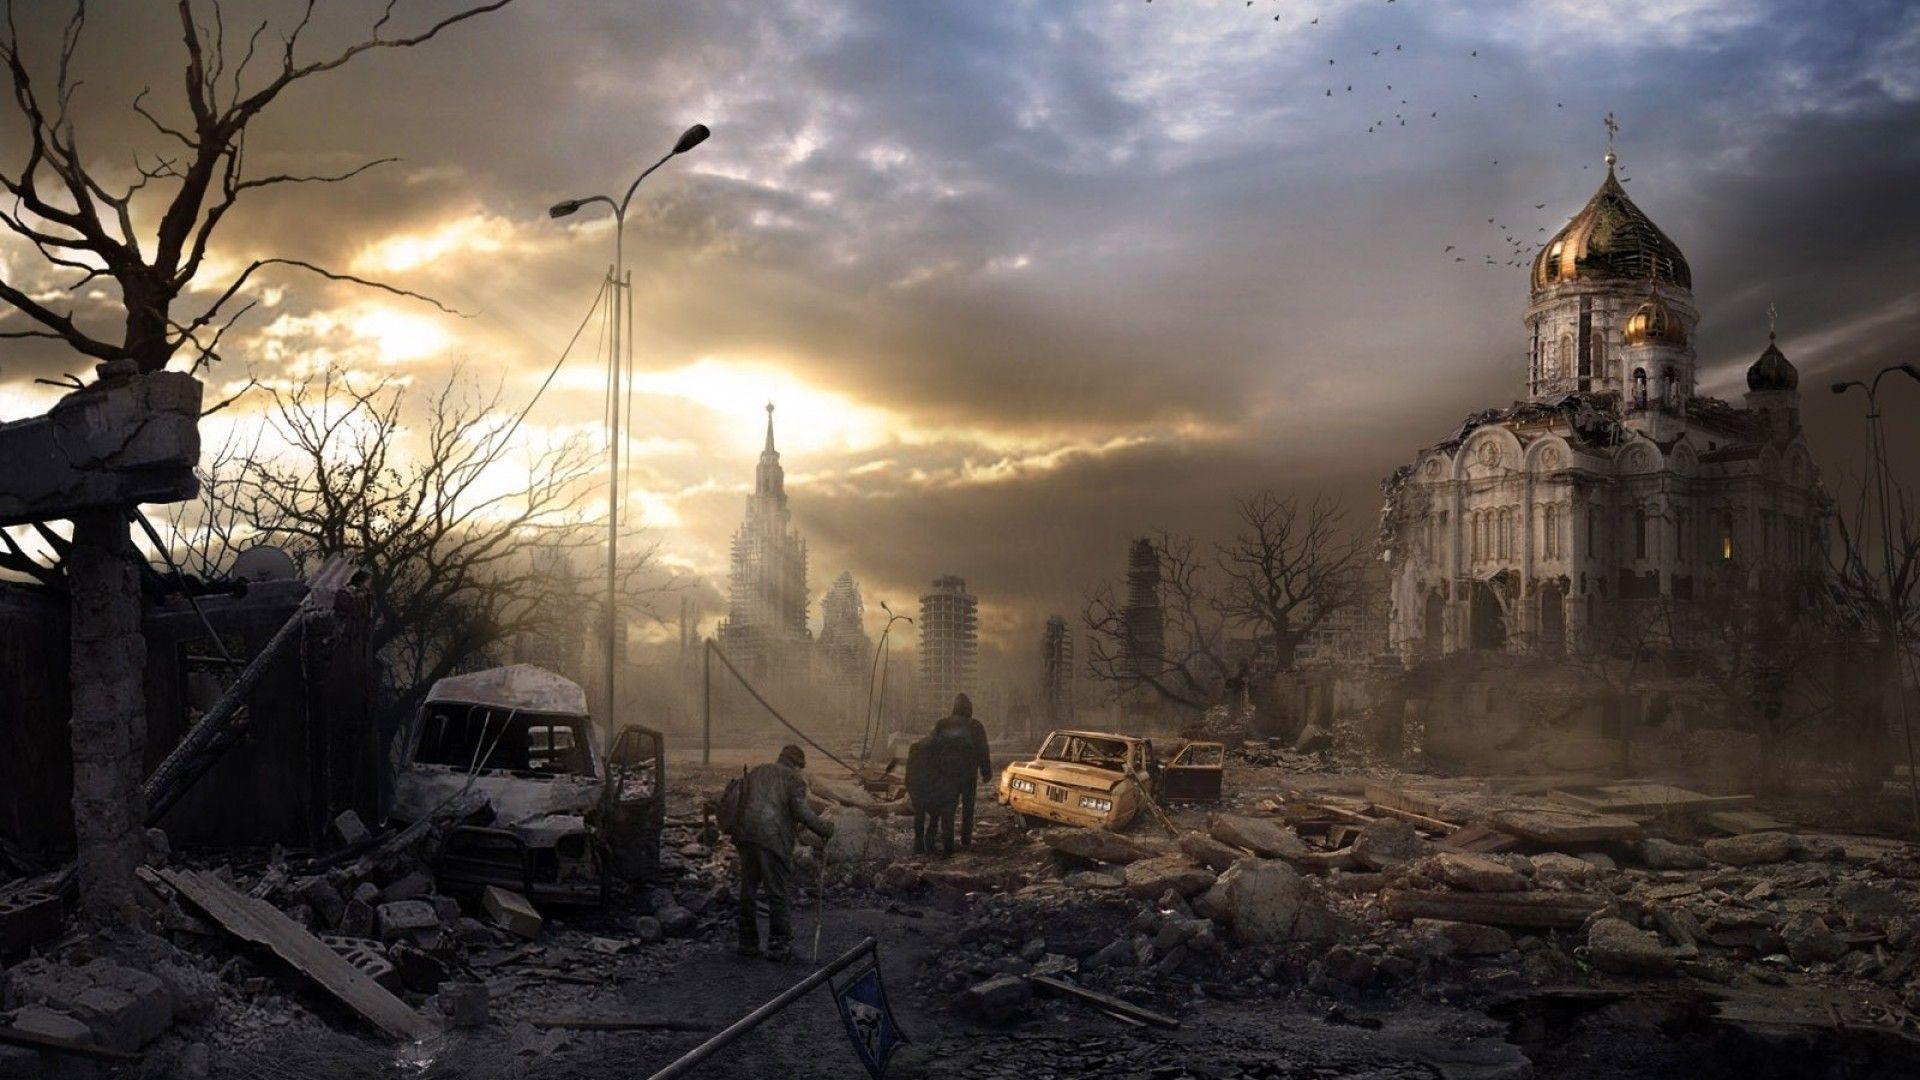 Zombie Apocalypse ? 4K HD Desktop Wallpaper for 4K Ultra HD TV ...